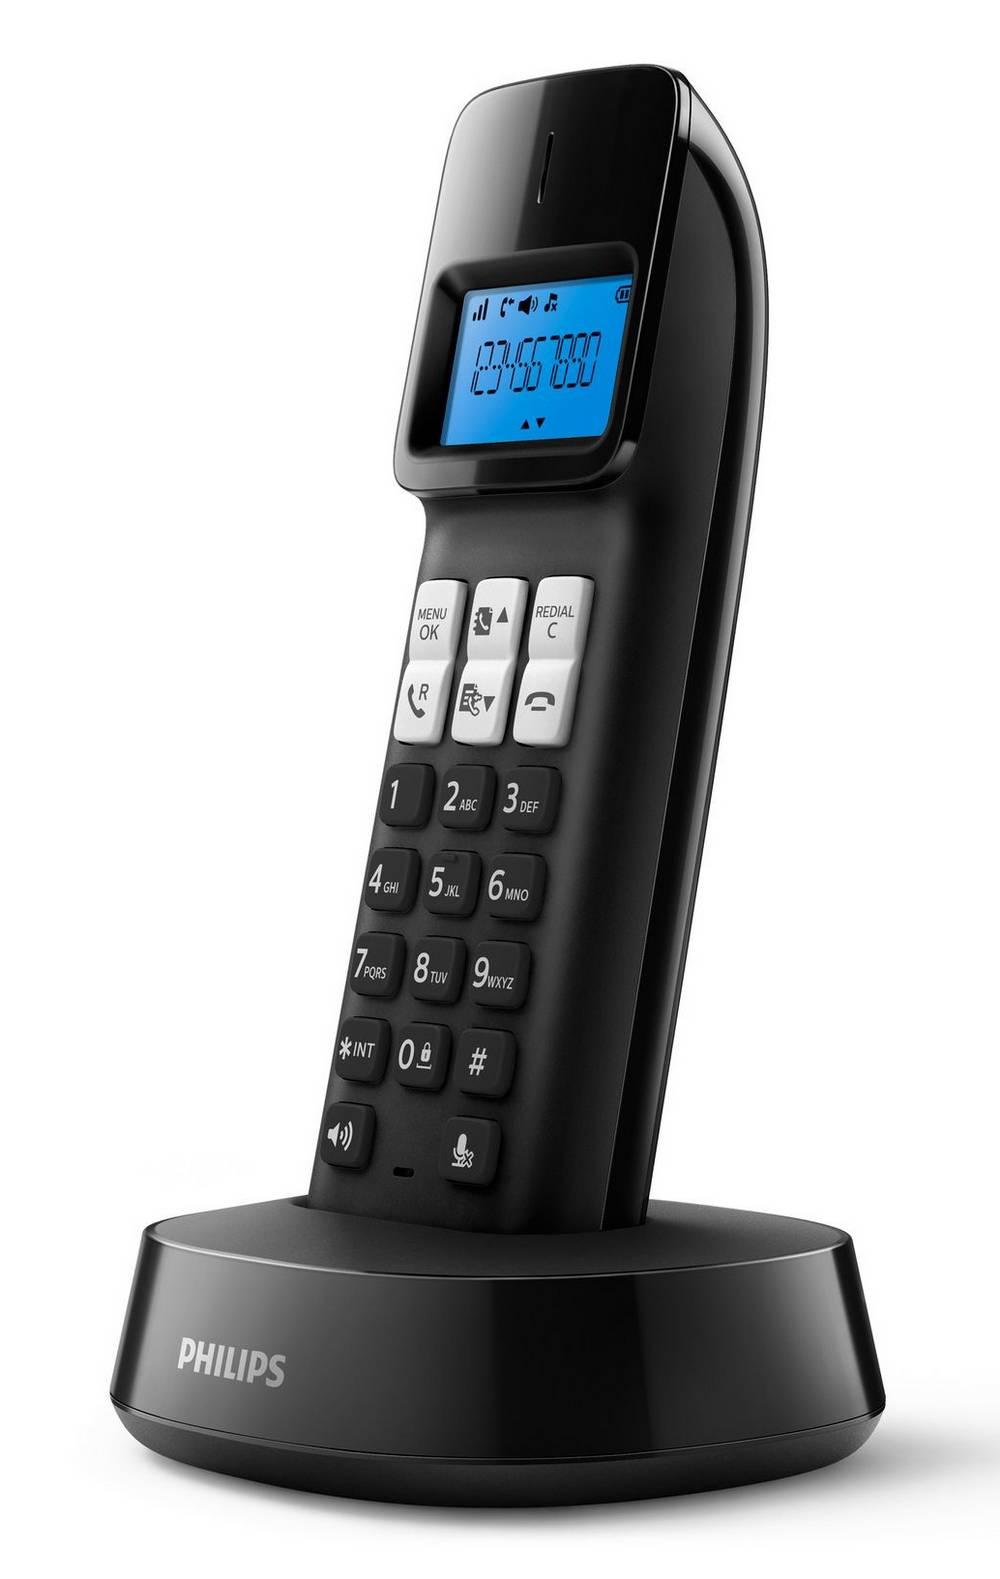 Ασύρματο Ψηφιακό Τηλέφωνο Philips D1411B/23 Μαύρο